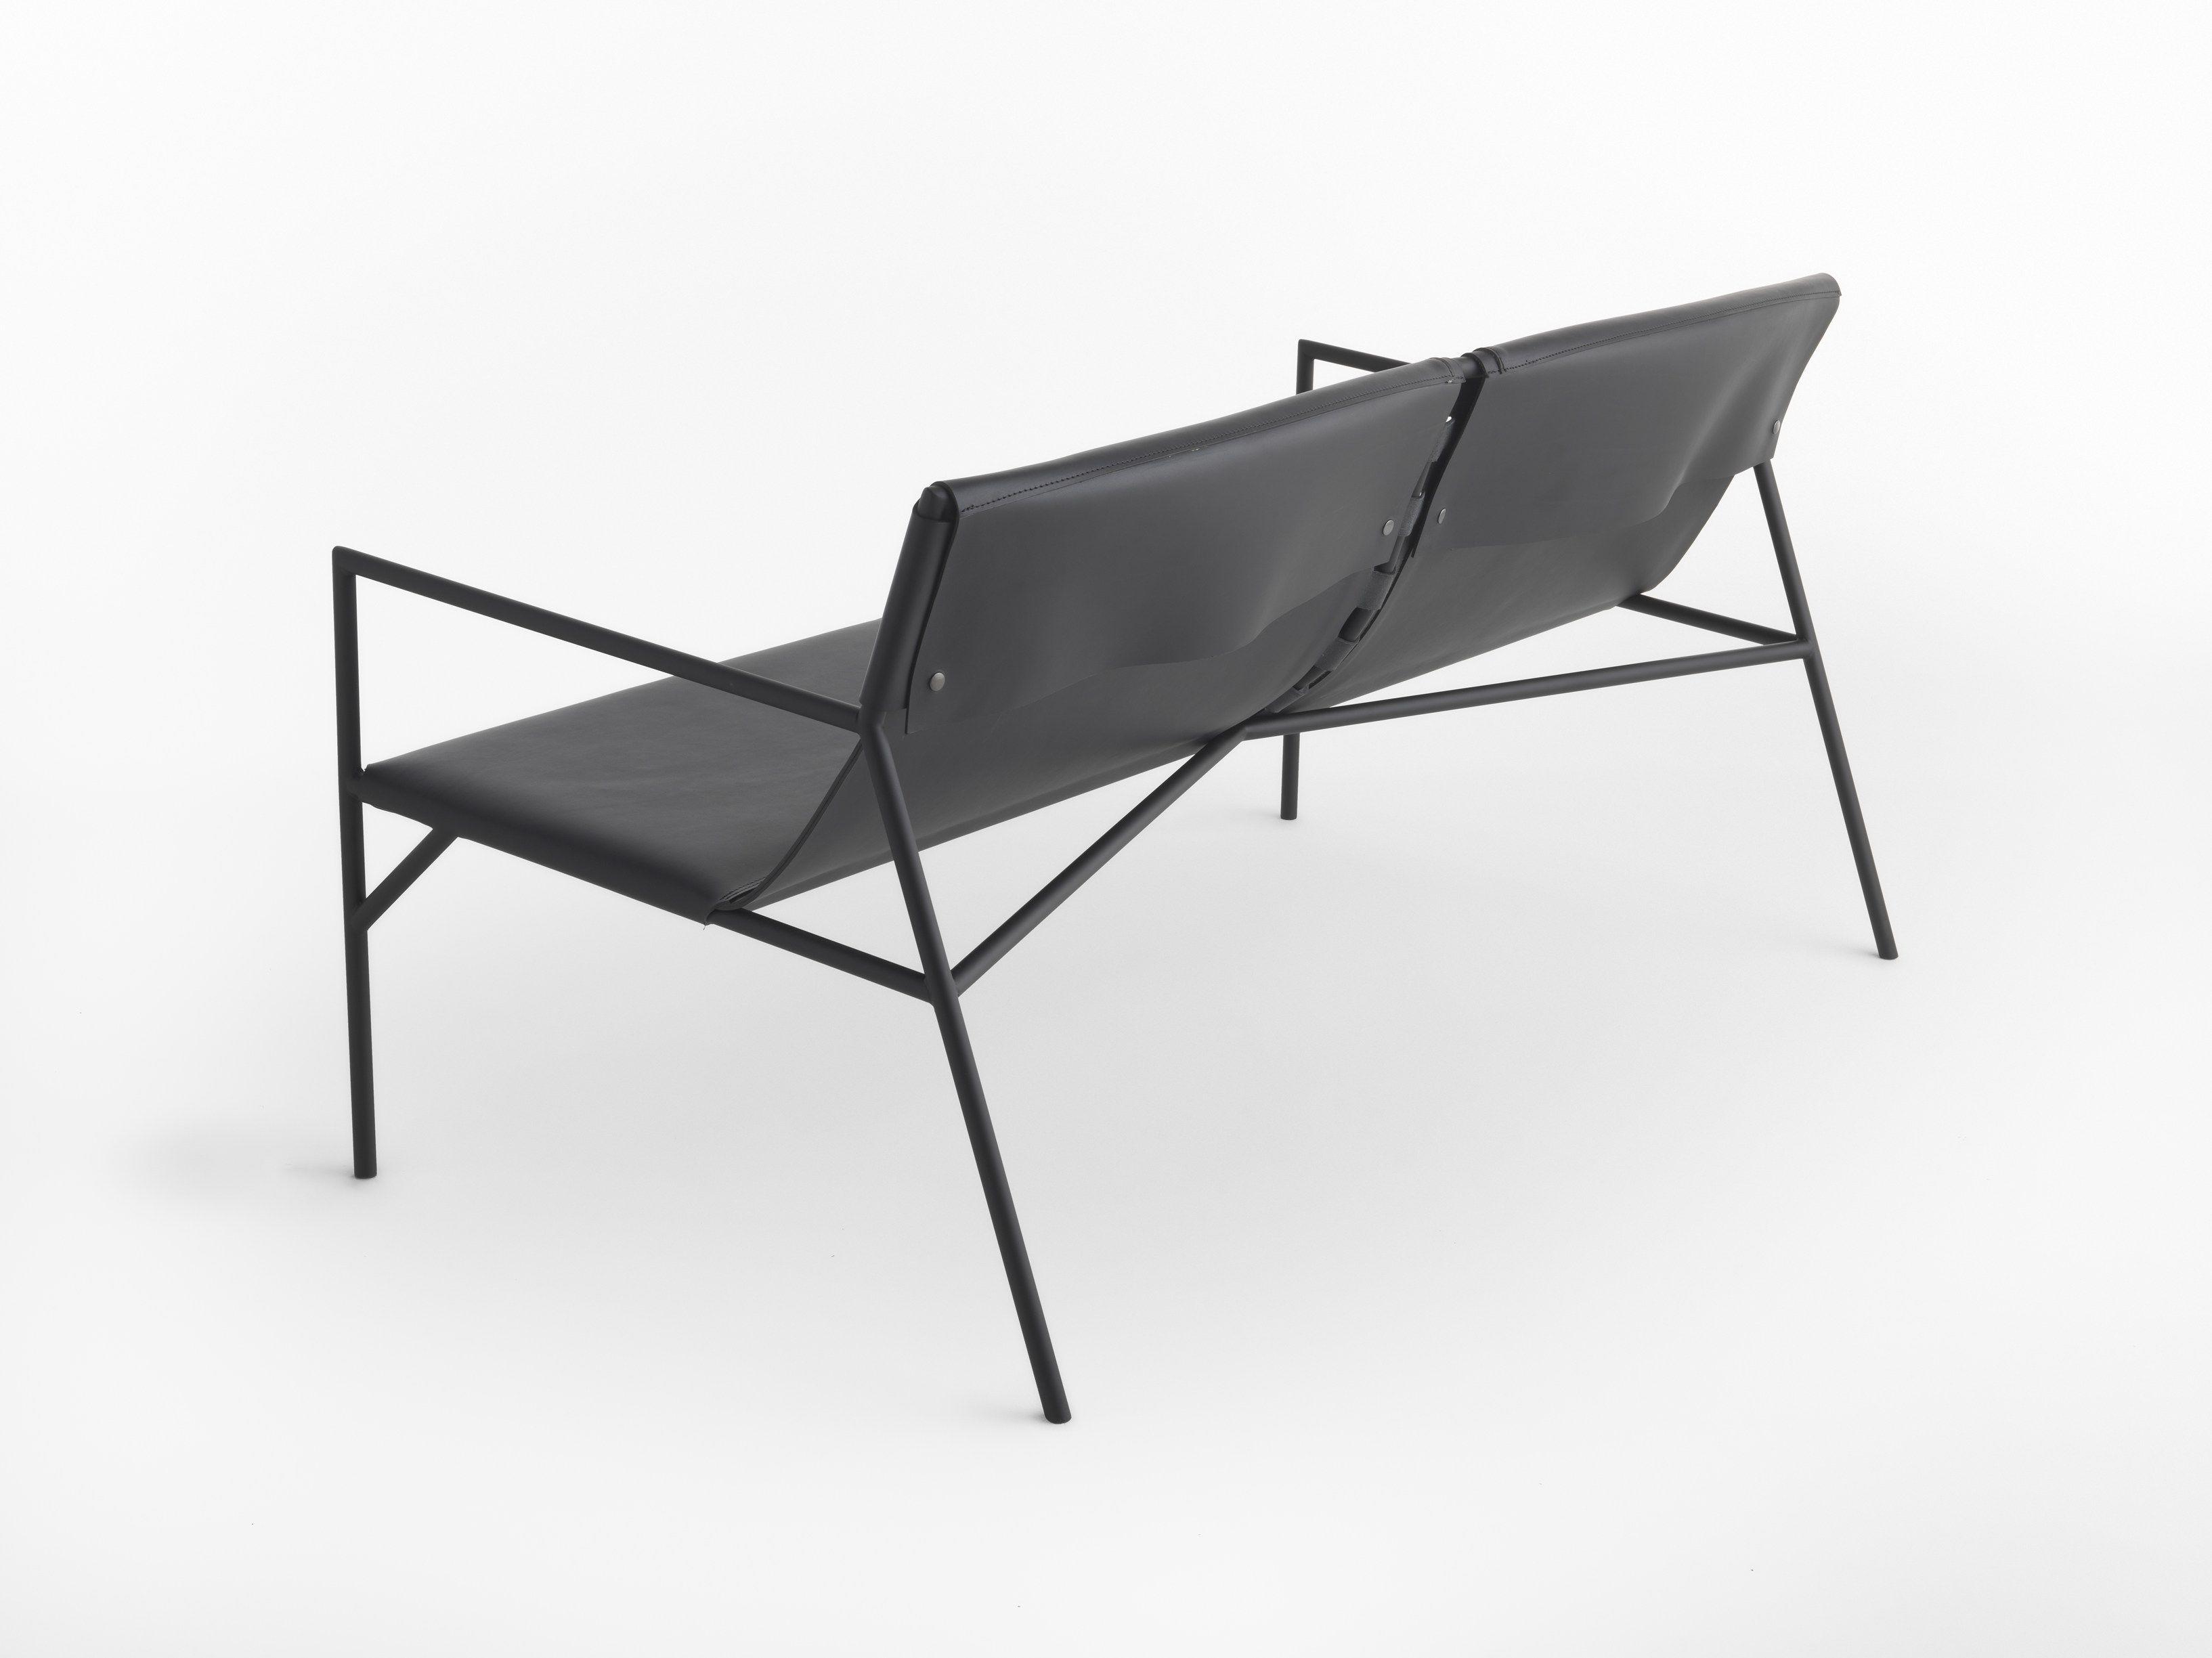 Sedie porro ~ Porro spa metallico table neve chairs by piero lissoni load